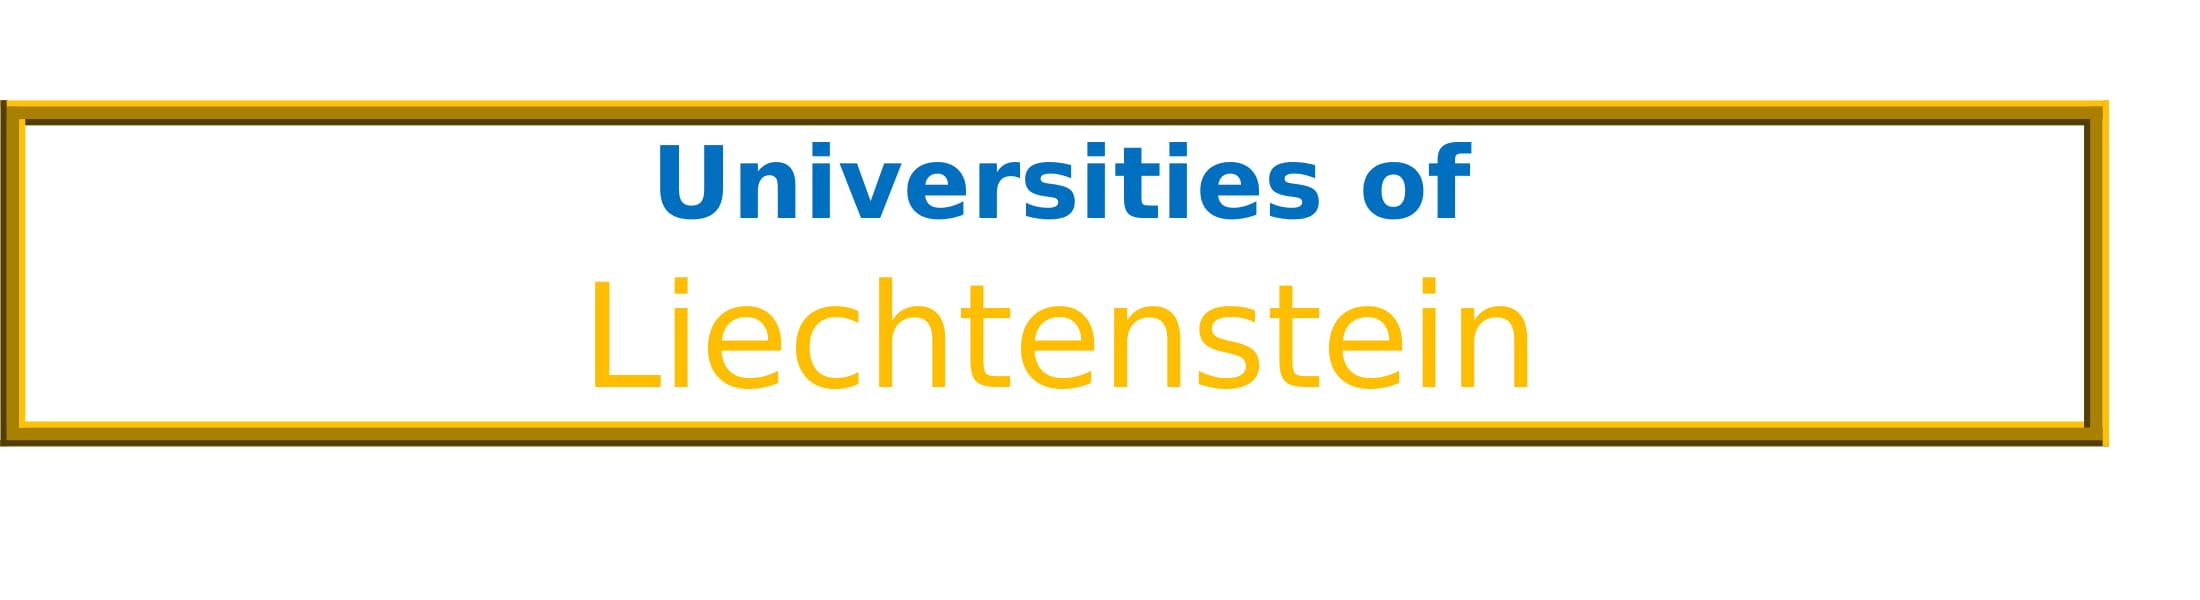 List of Universities in Liechtenstein